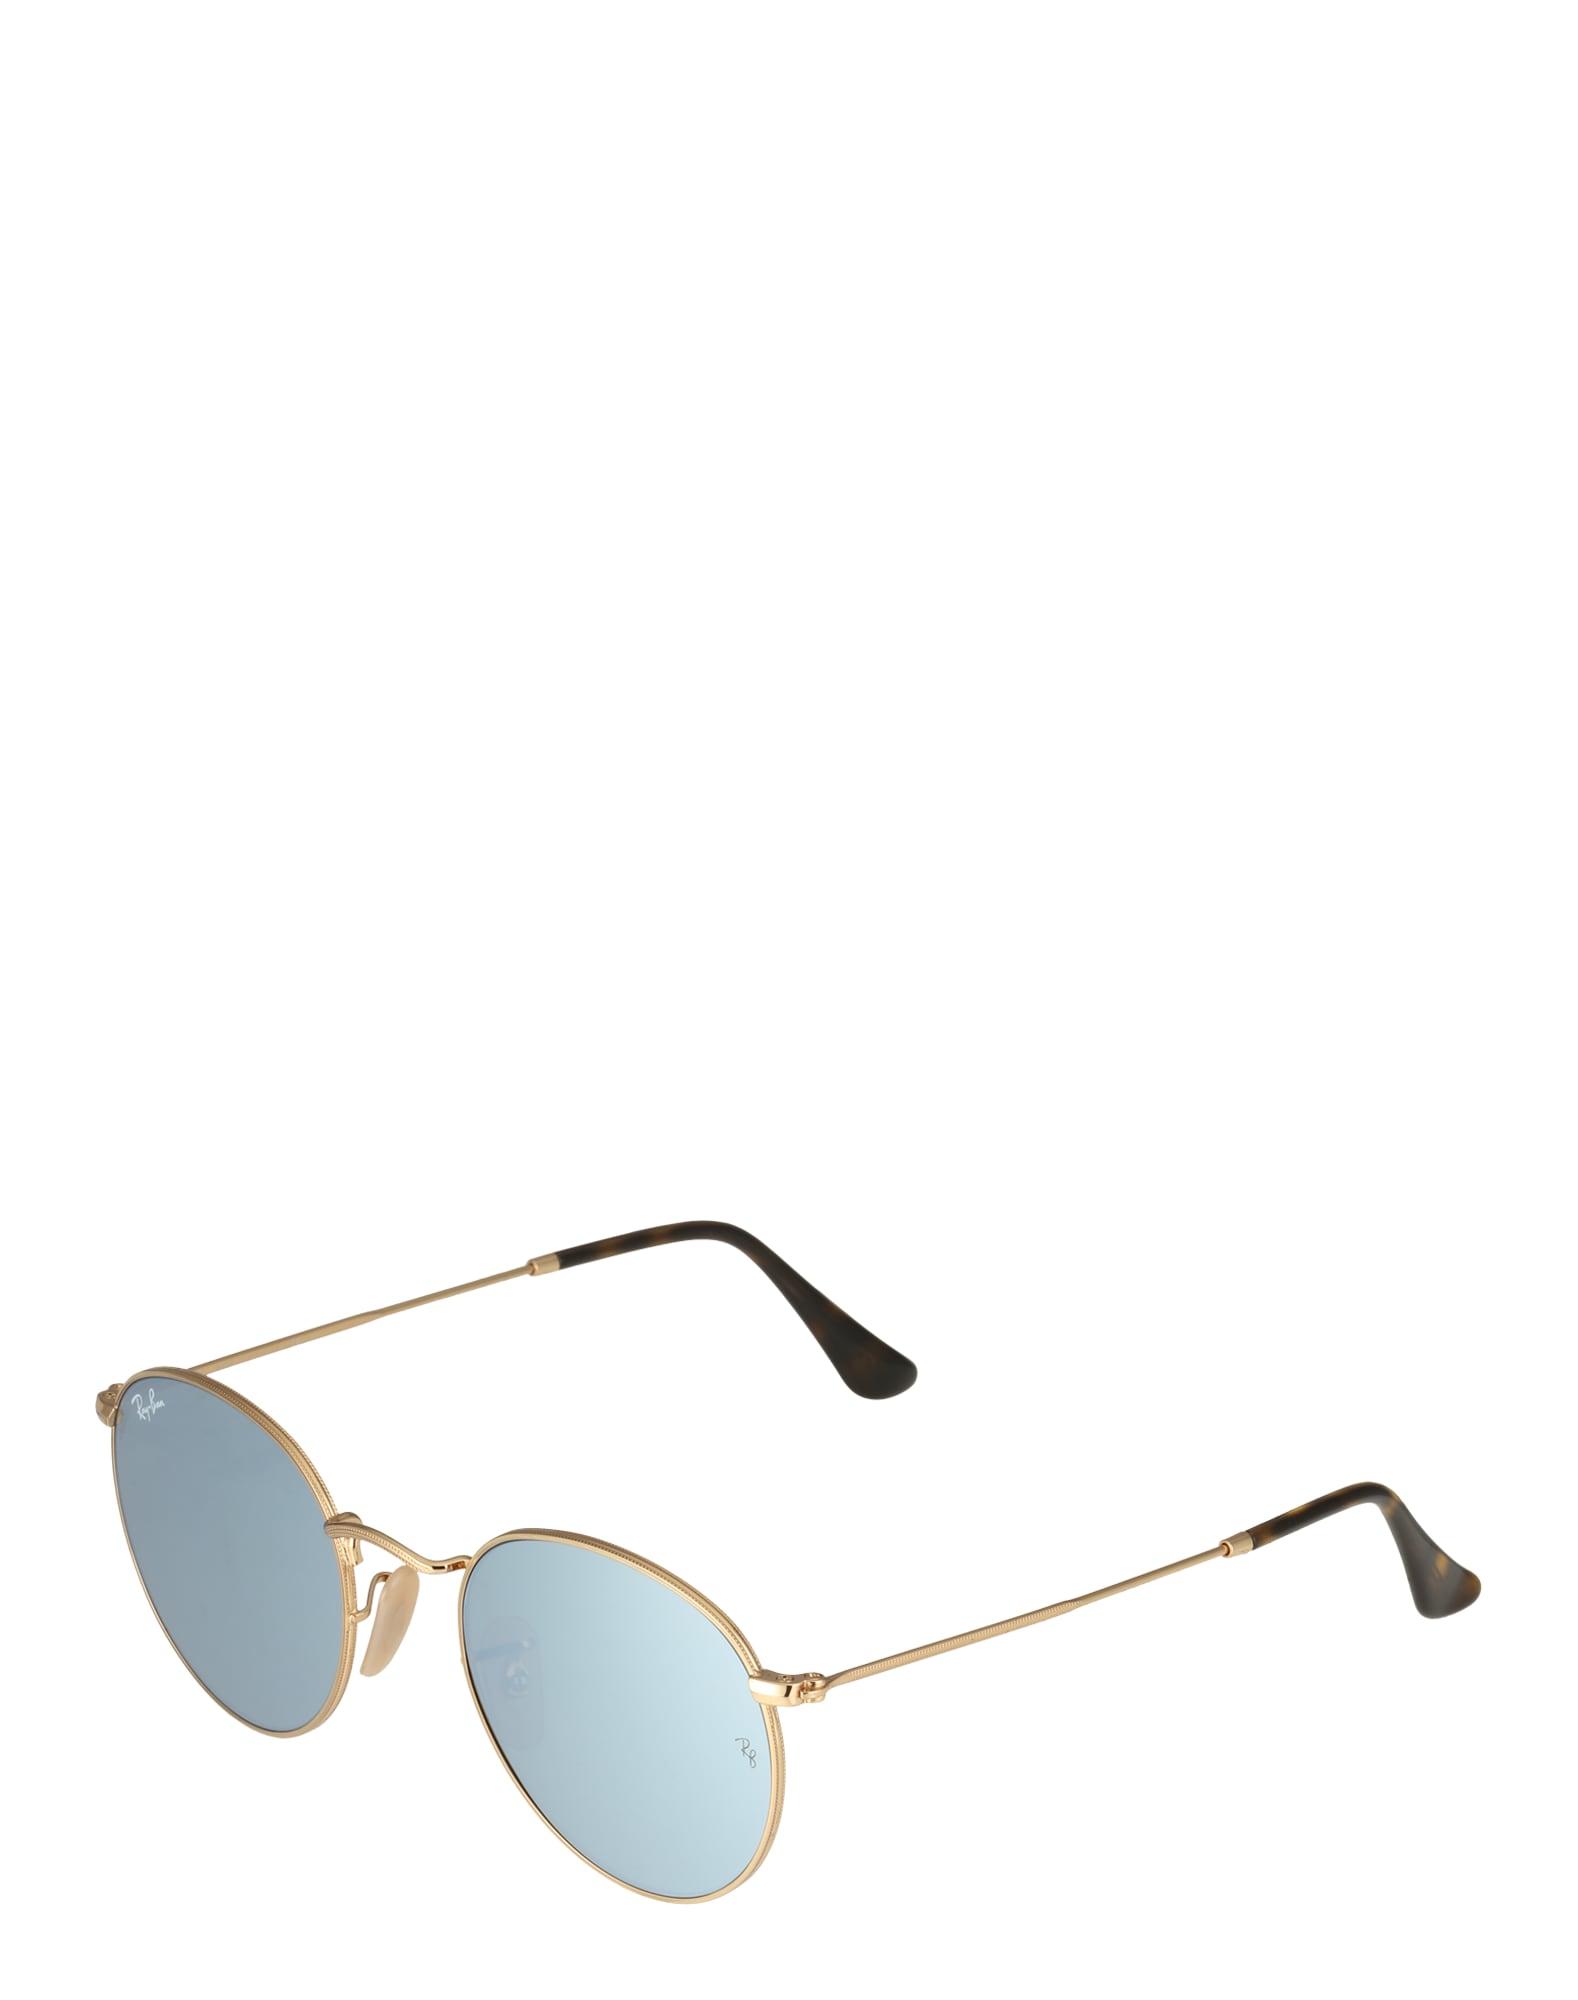 Sluneční brýle Round zlatá šedá Ray-Ban